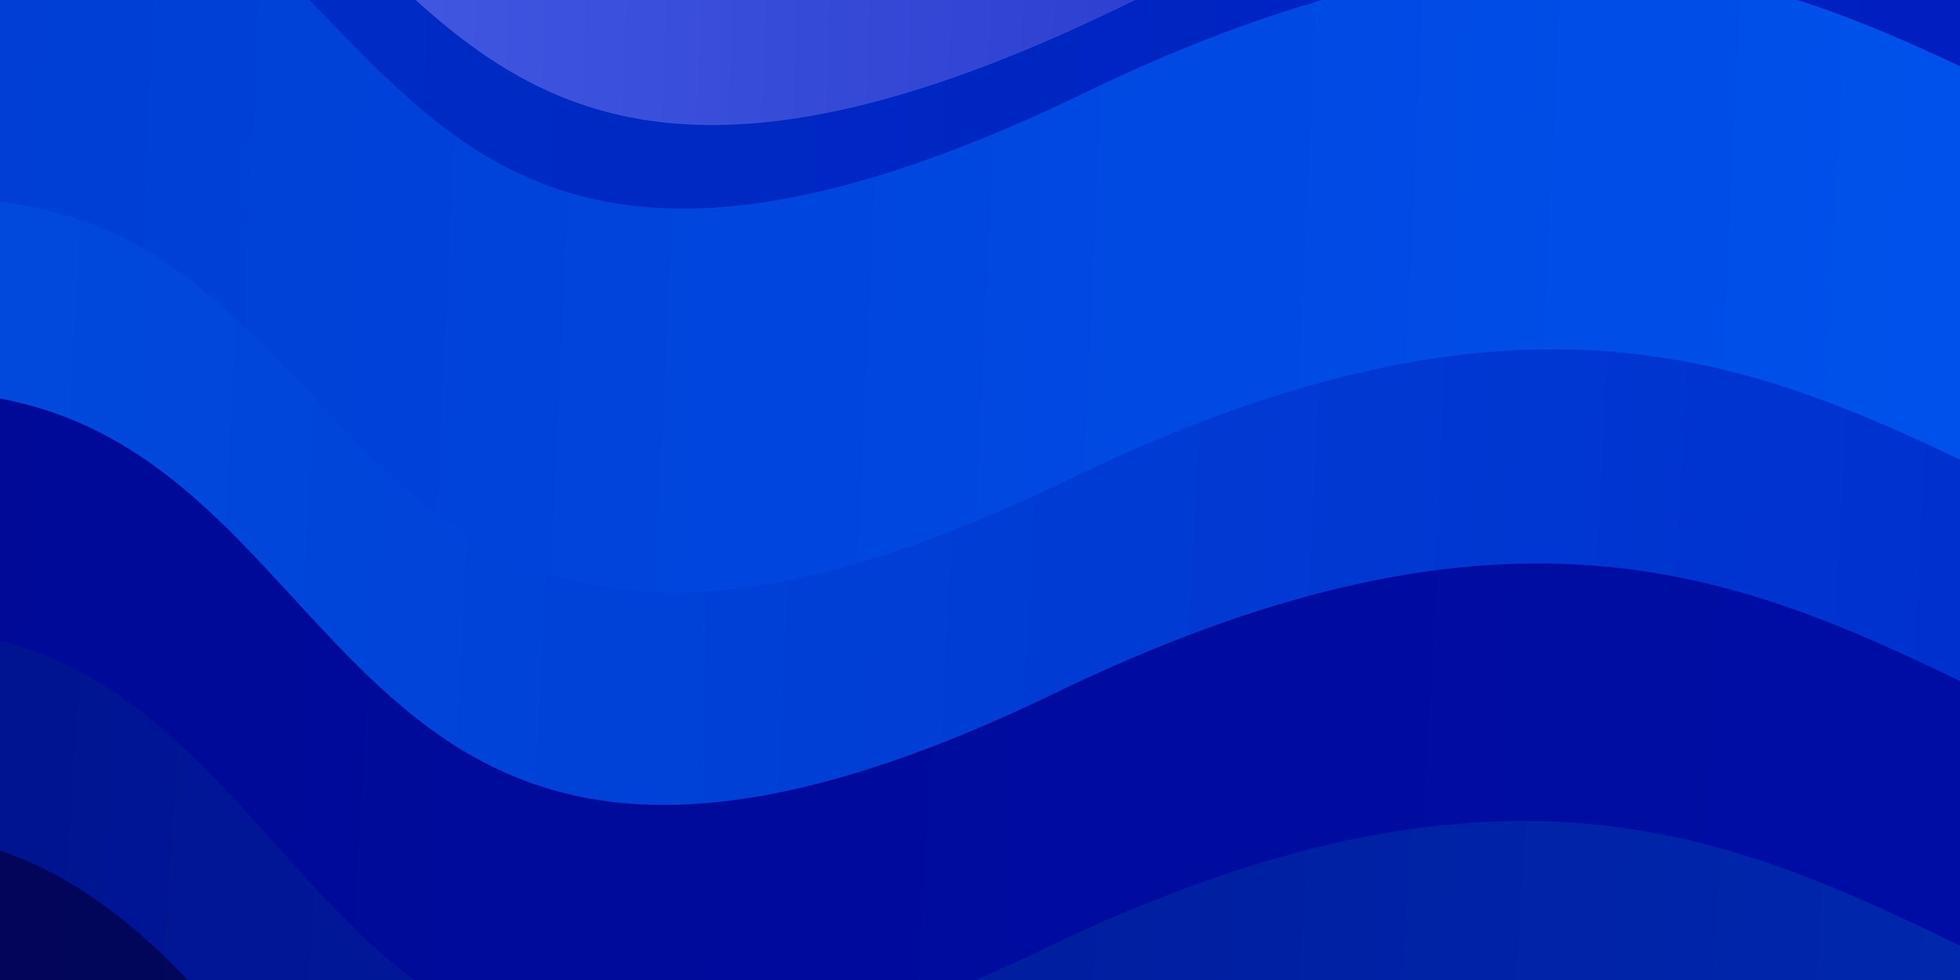 plantilla de vector azul claro con curvas.